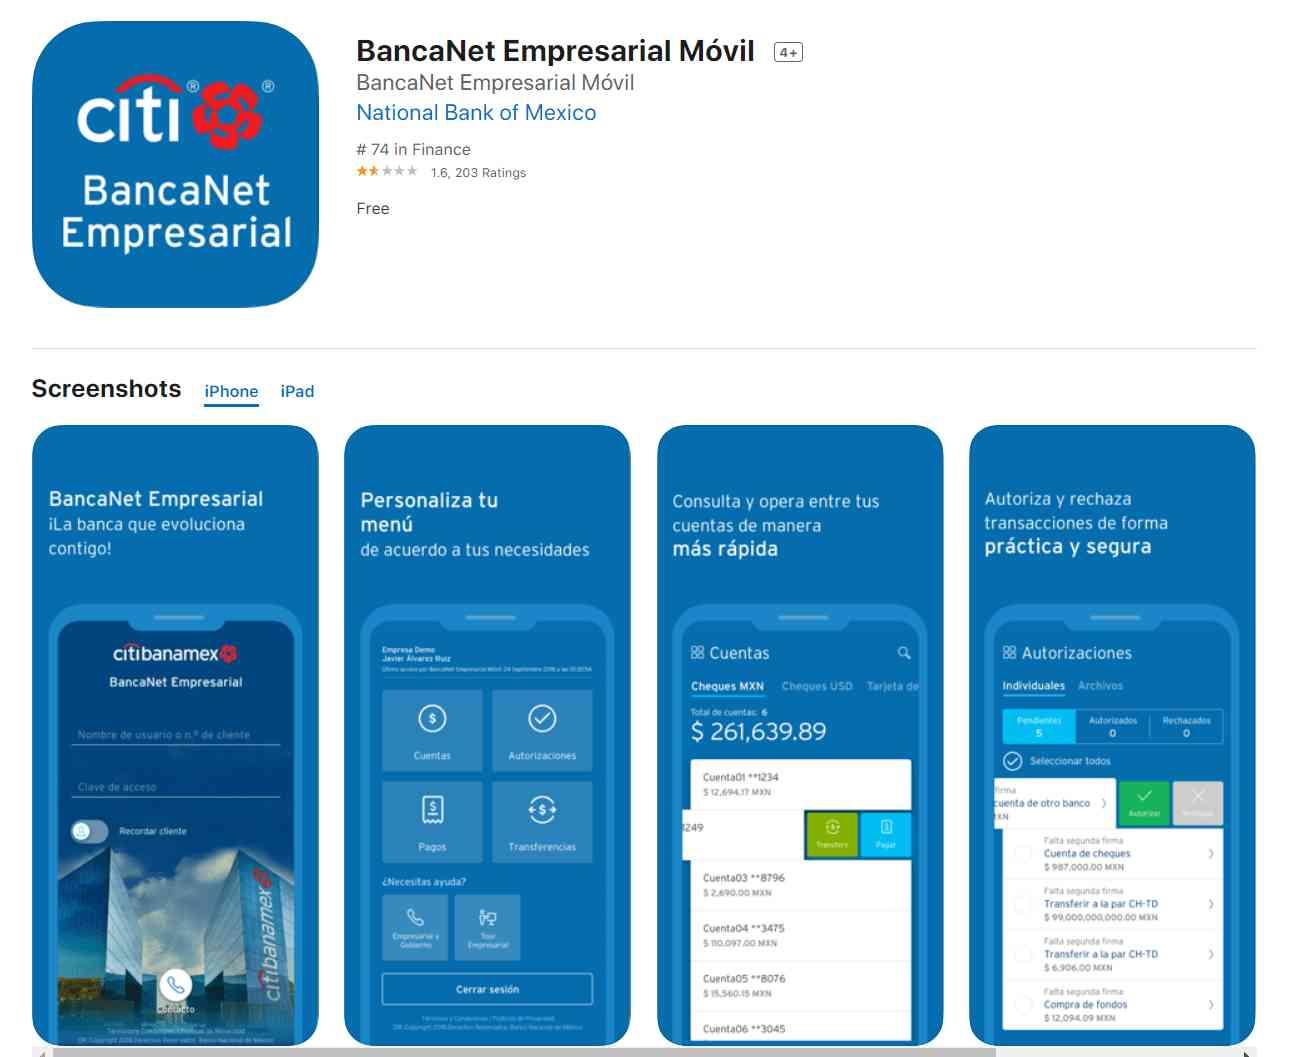 BancaNet Empresarial Móvil en Apple App Store